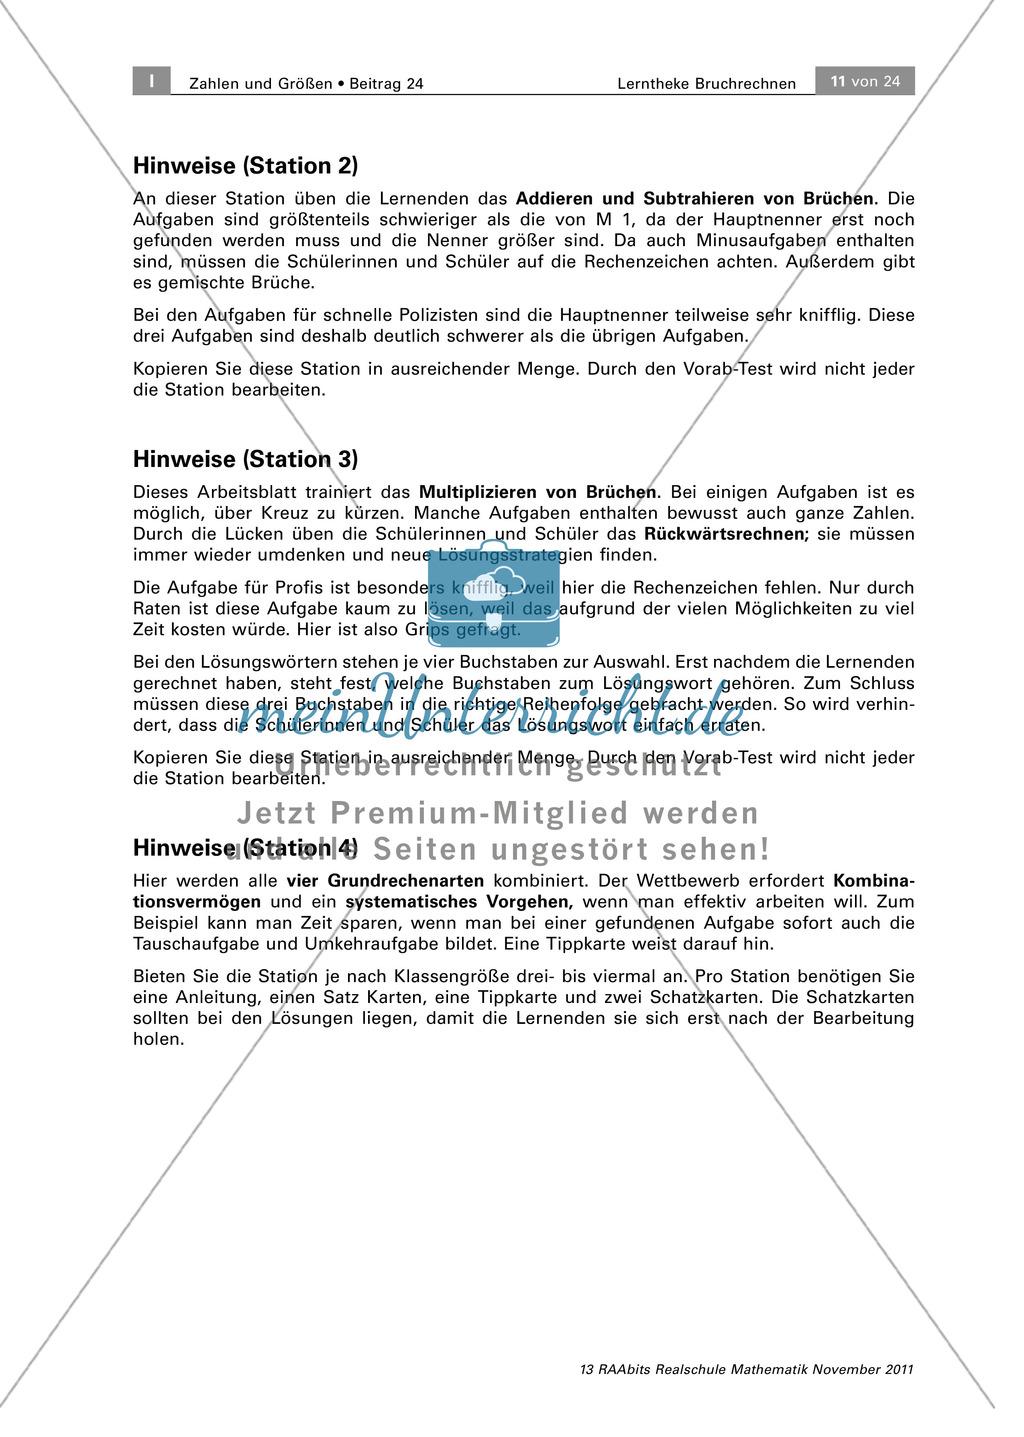 Stationenarbeit: Spielerische Aufgaben zum Bruchrechnen - meinUnterricht